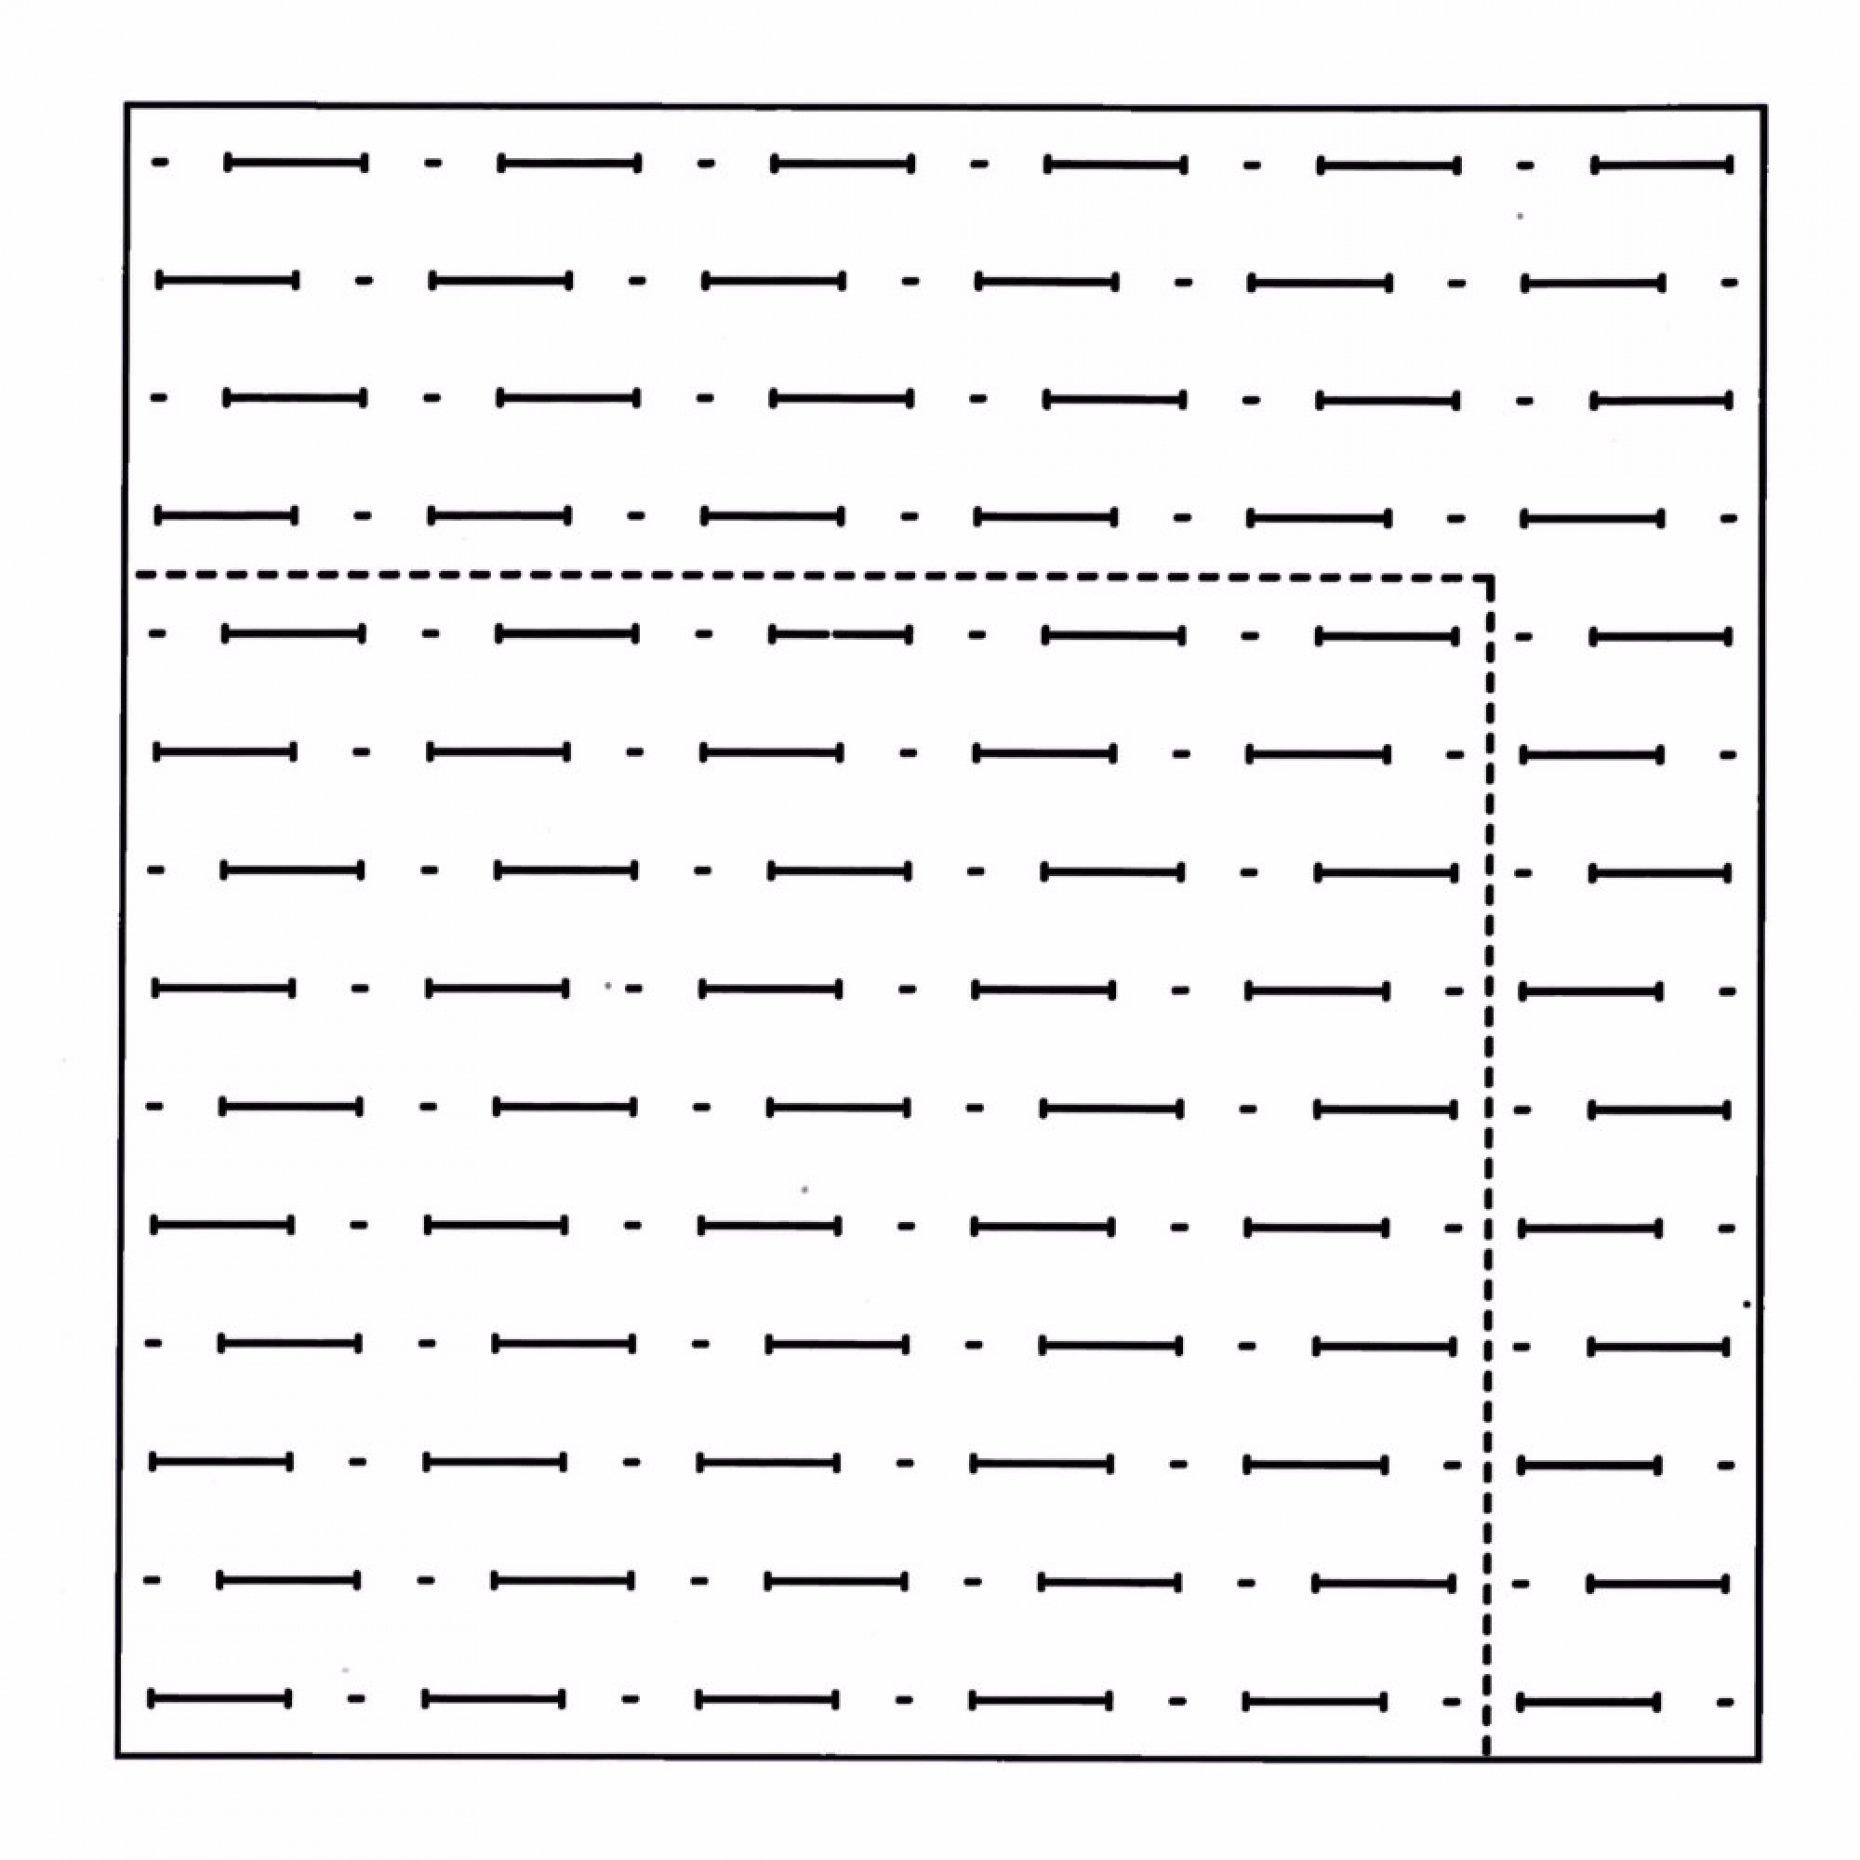 GW3 Weibel 3 Pattern